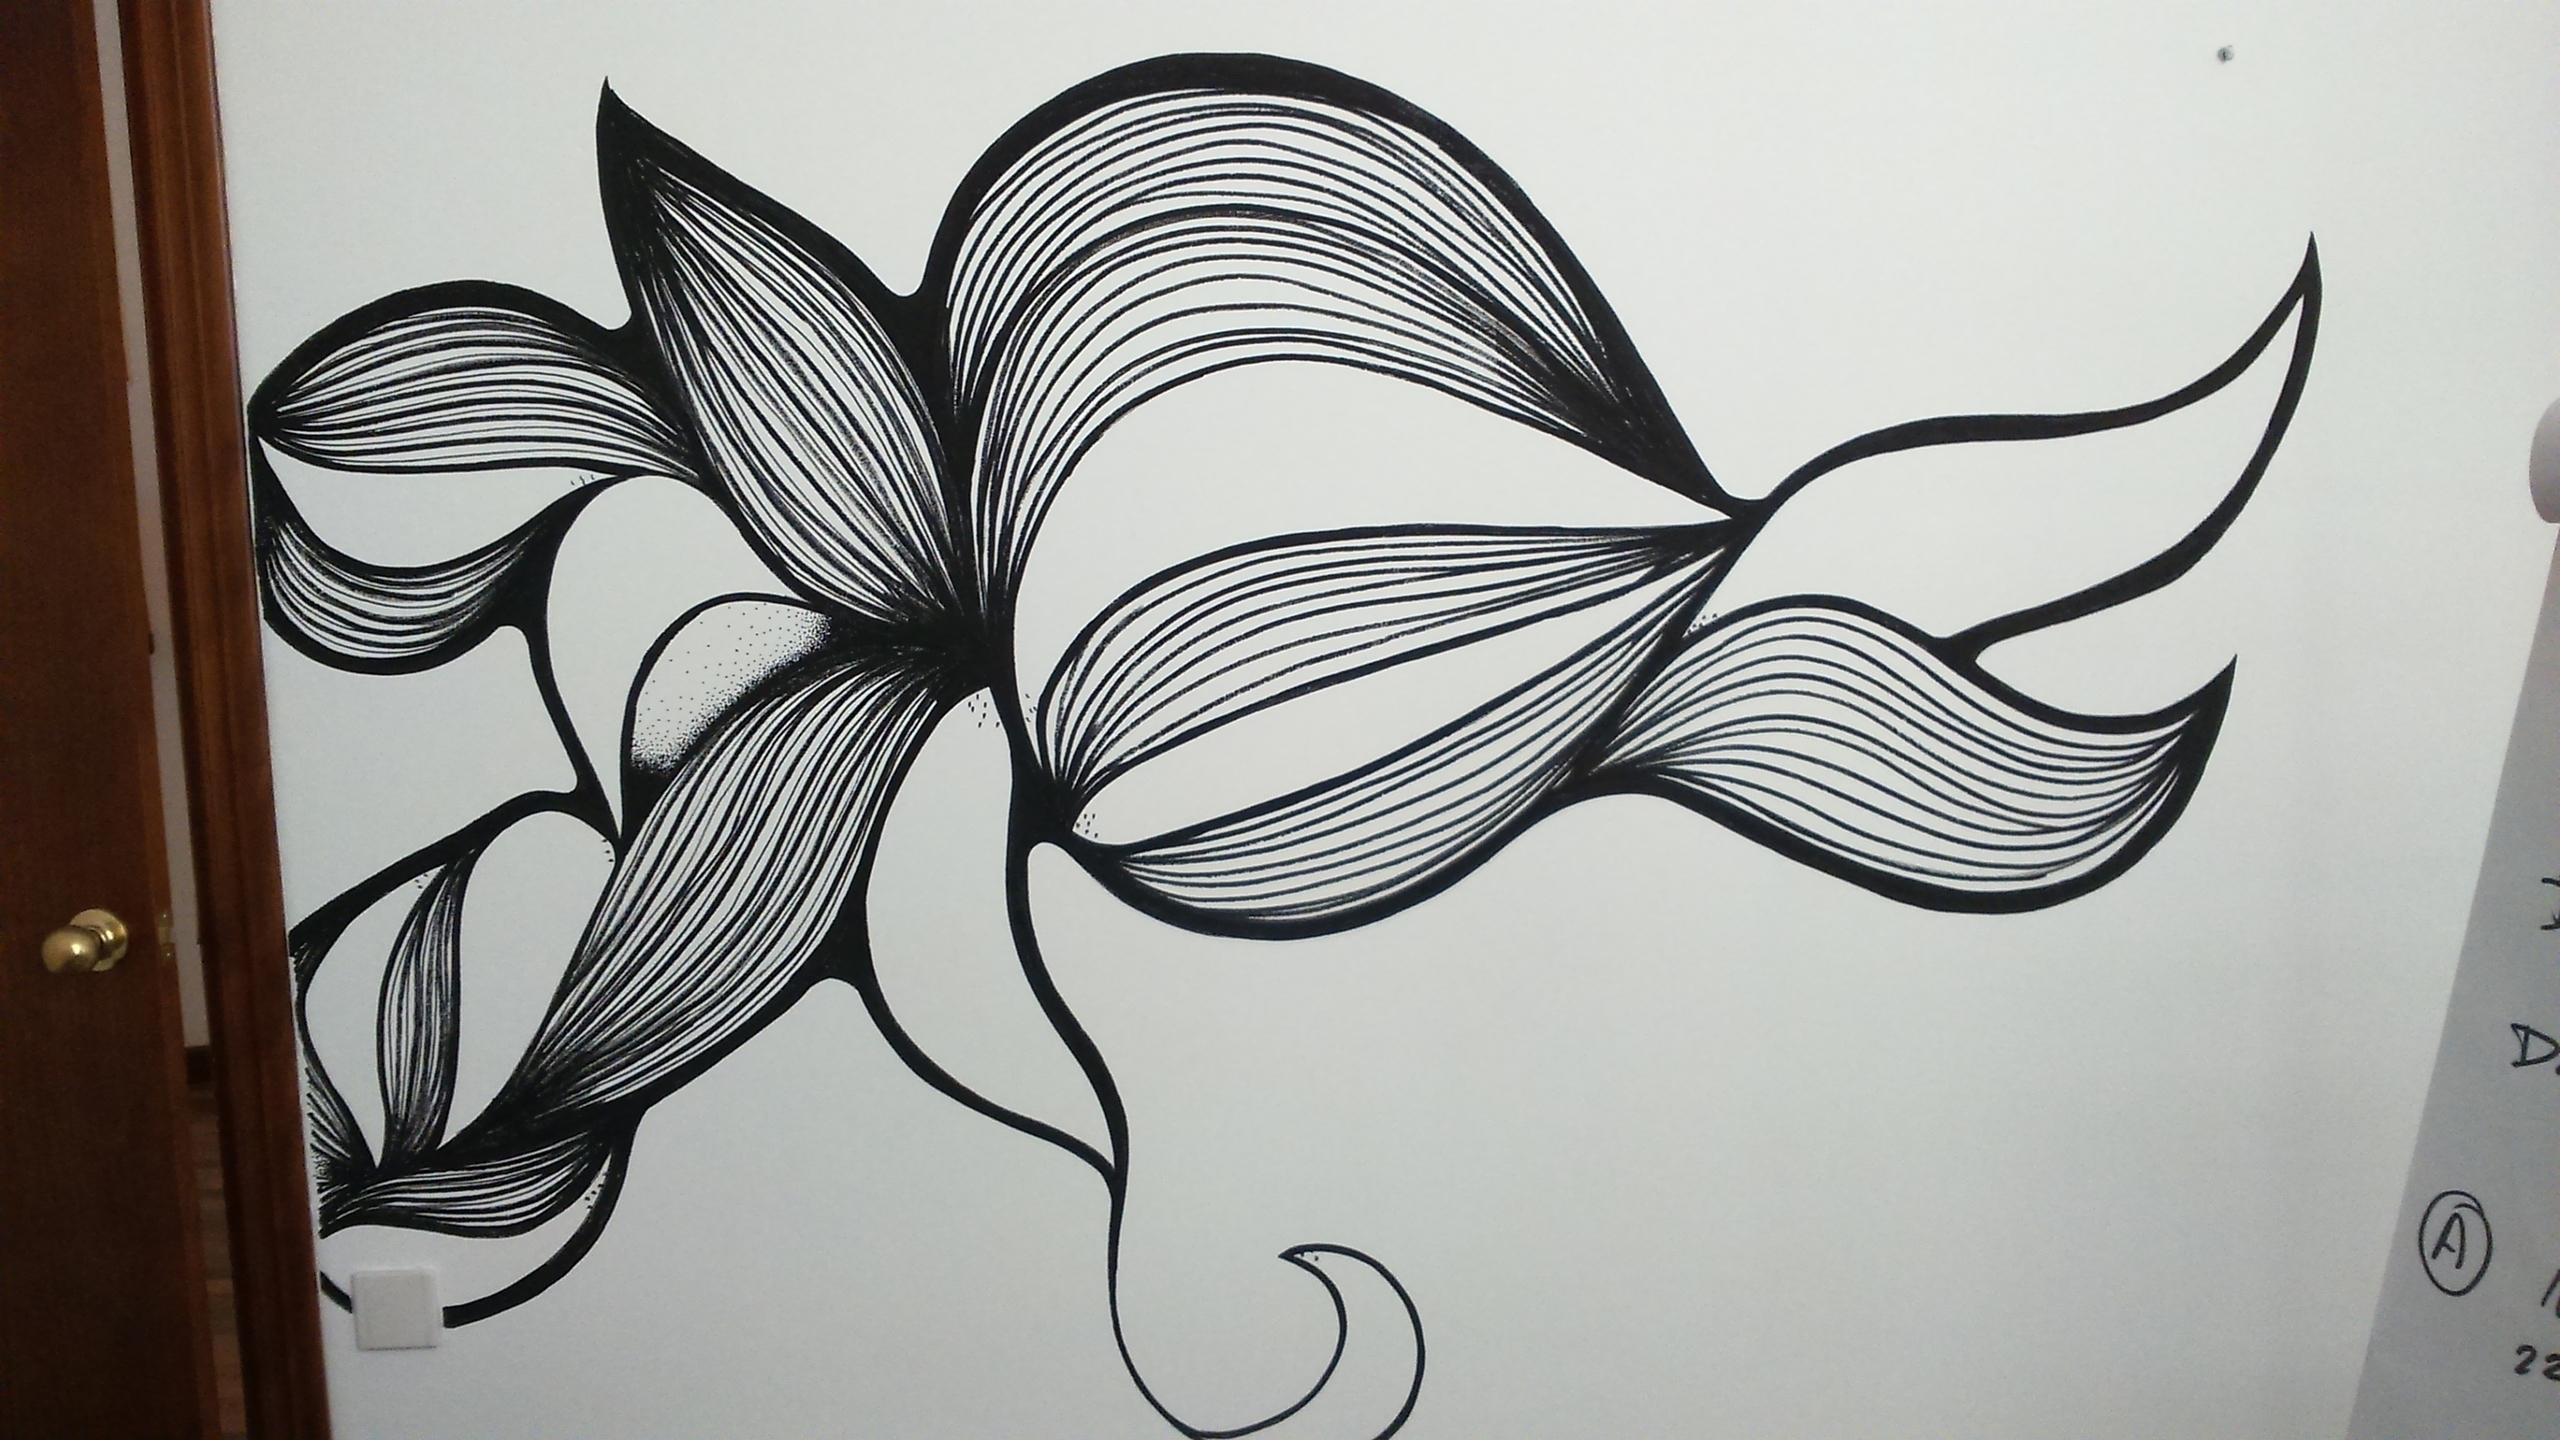 Vanilla von Dee (@vanillavondee) Cover Image